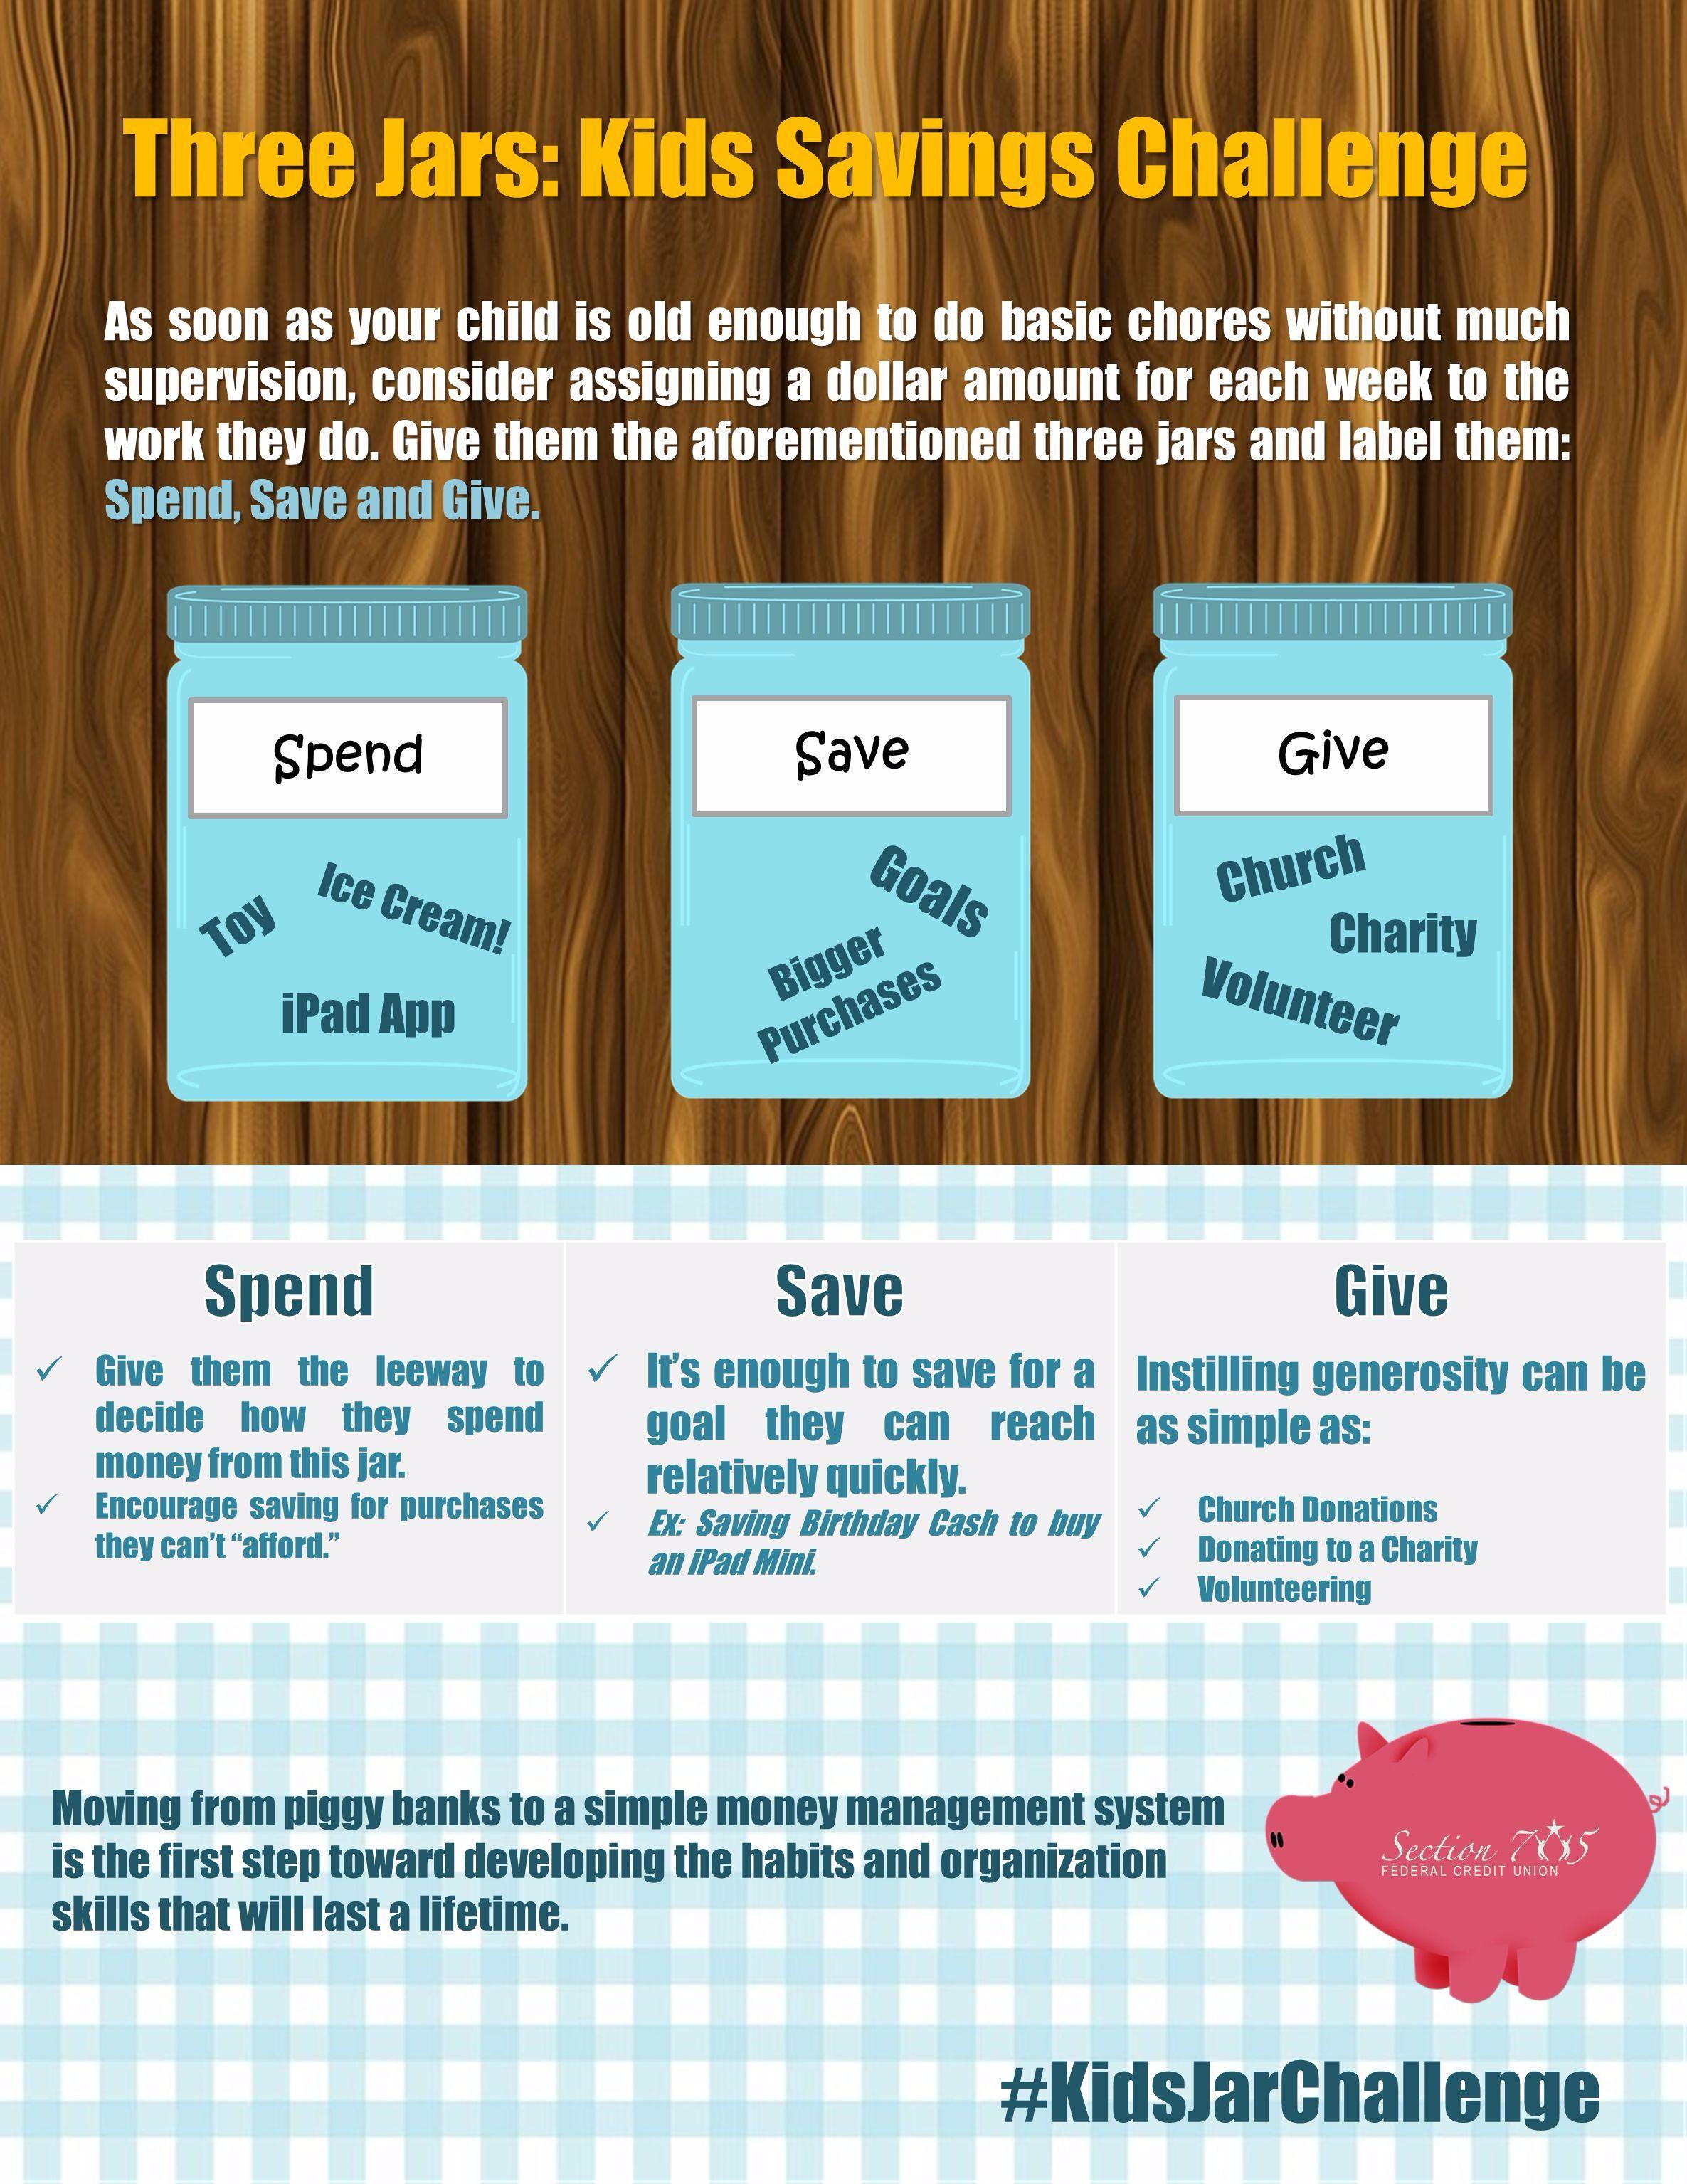 Three Jars: Kids Savings Challenge